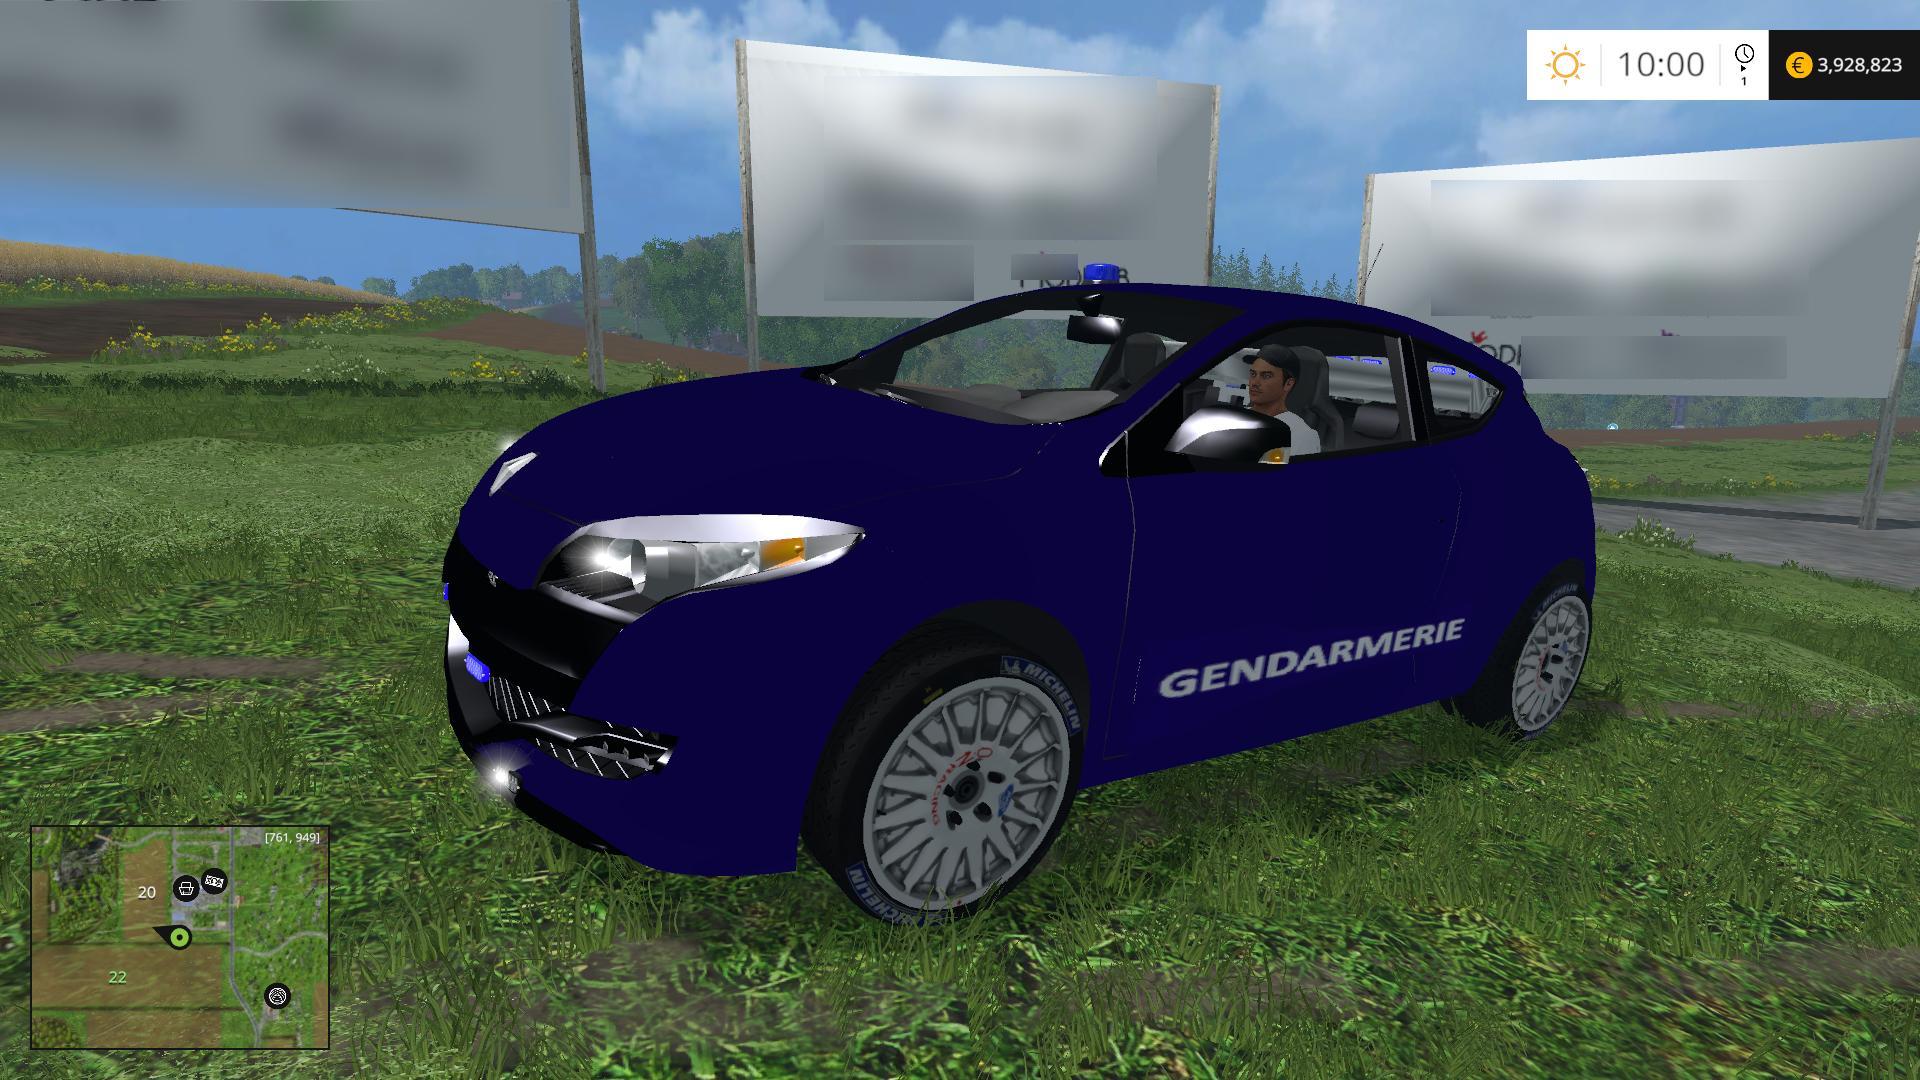 megane rs gendarmerie farming simulator 17 19 mods. Black Bedroom Furniture Sets. Home Design Ideas